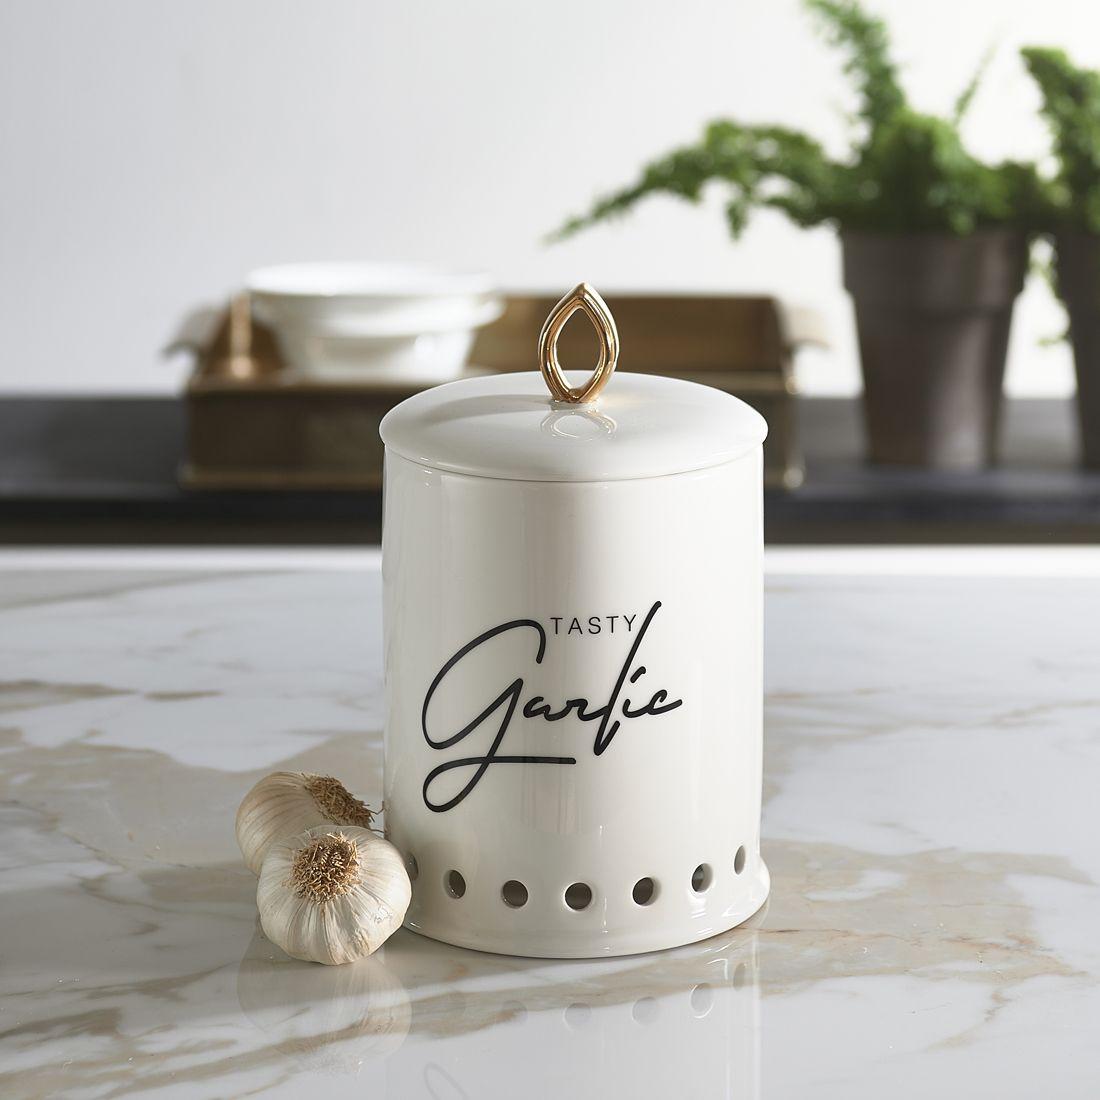 Hvidløg krukke - Tasty Garlic Storage Jar